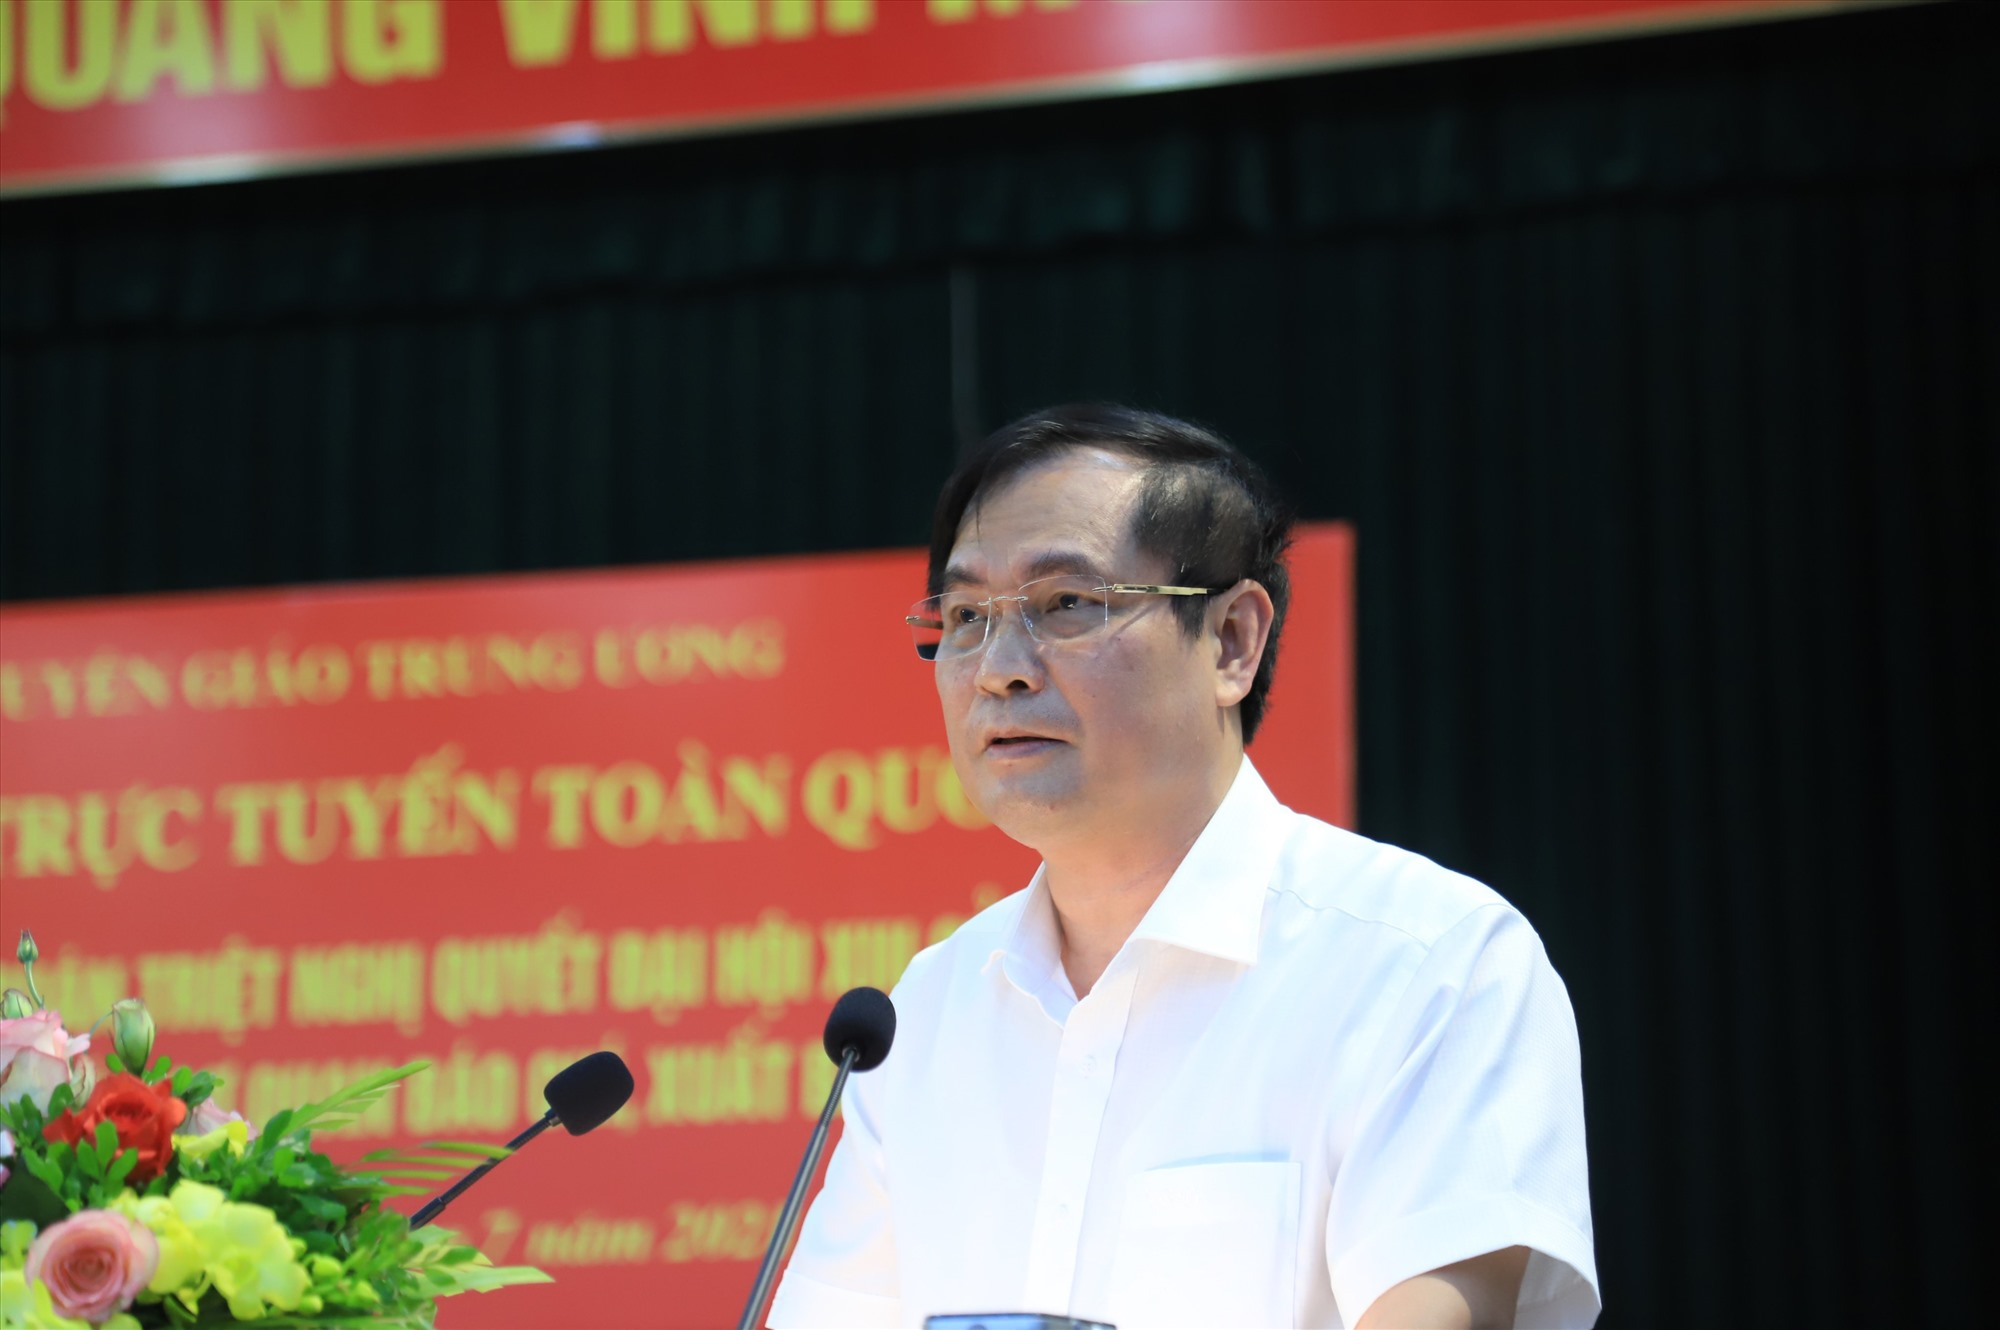 Phó trưởng Ban Tuyên giáo Trung ương Phan Xuân Thủy phát biểu tại hội nghị trực tuyến.